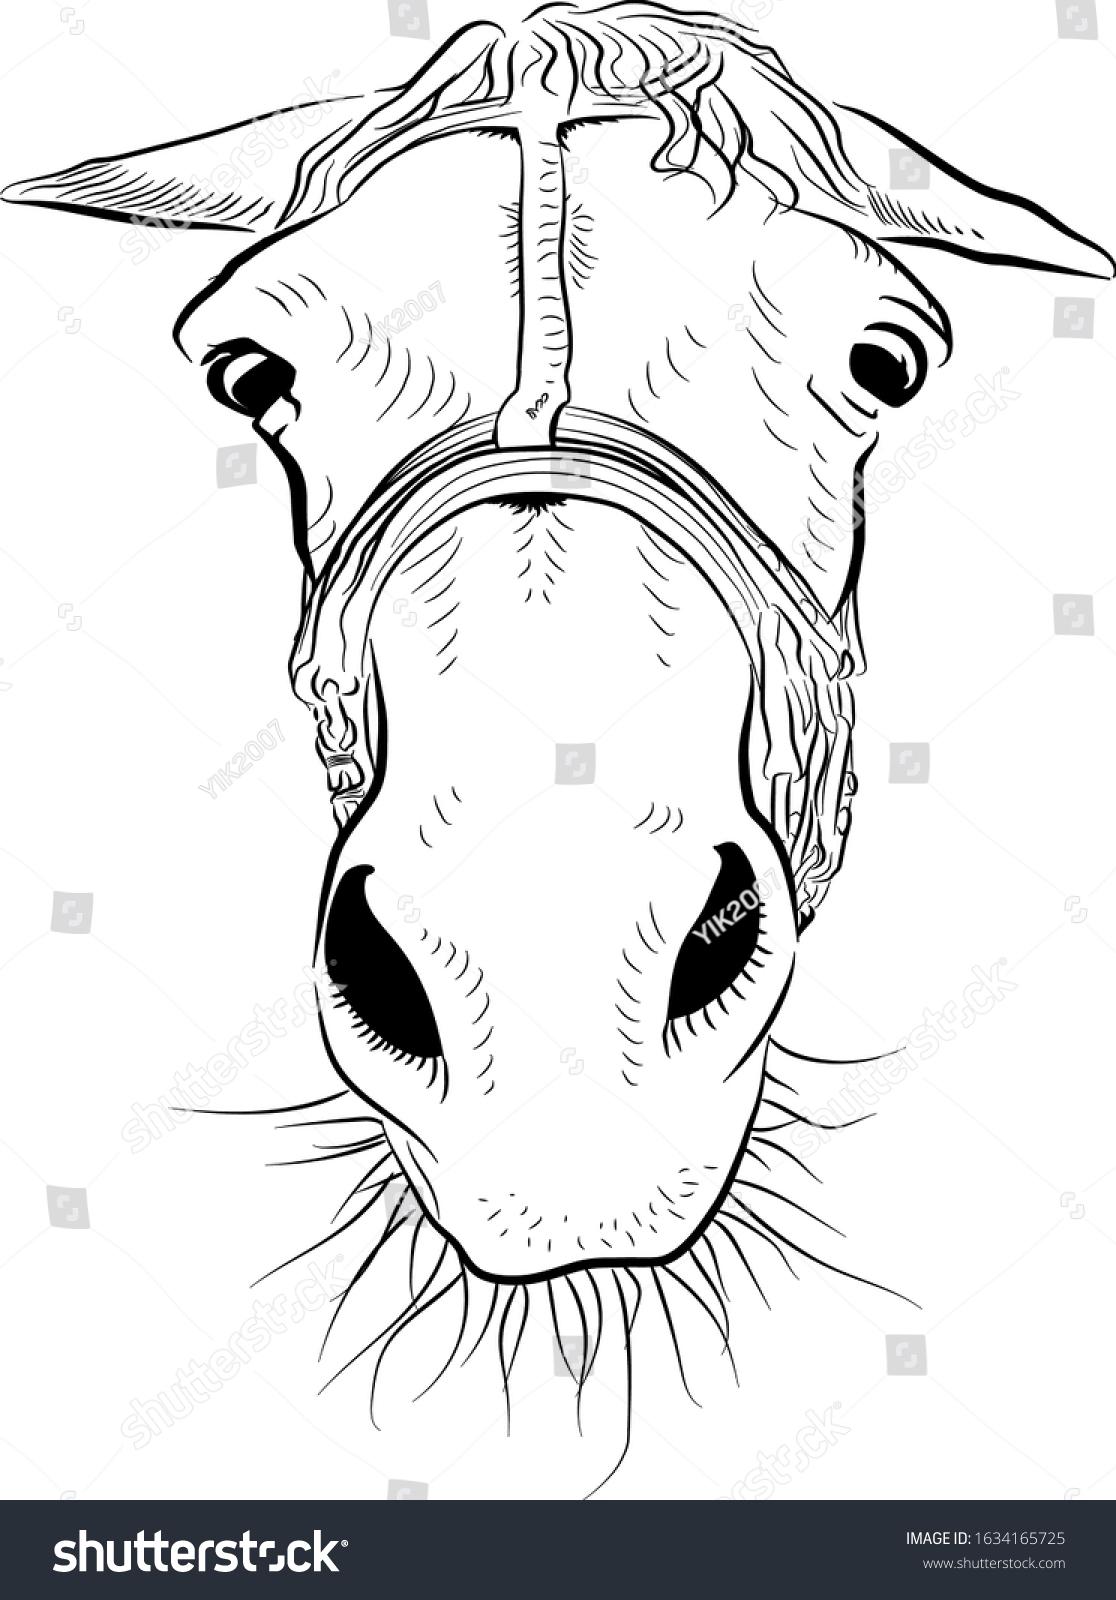 Vector De Stock Libre De Regalias Sobre Horse Head Sketch Art Sad Emotion1634165725